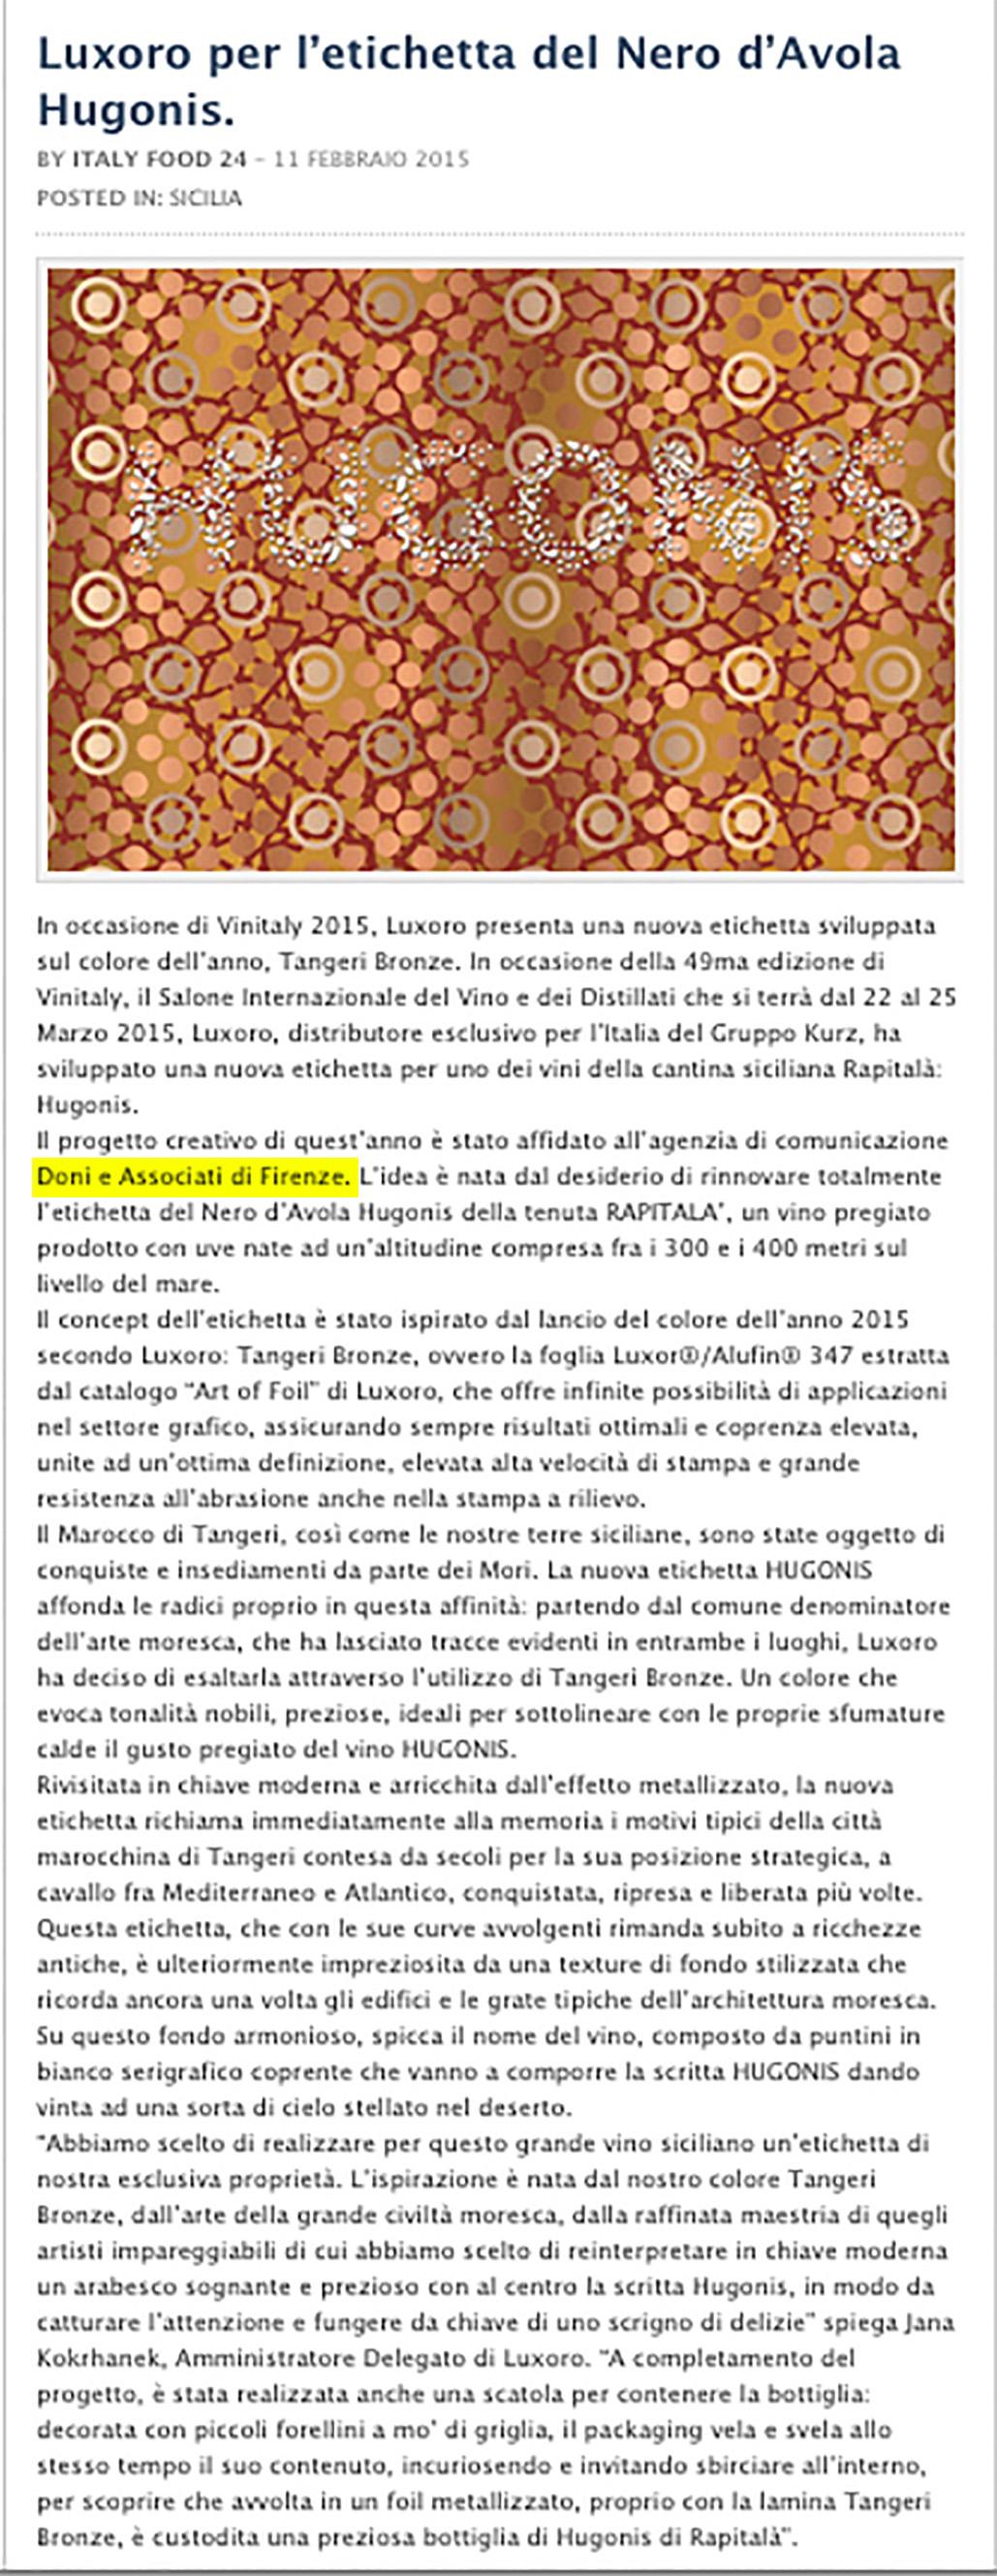 pubblicazione-italyfood24-hugonis-2015